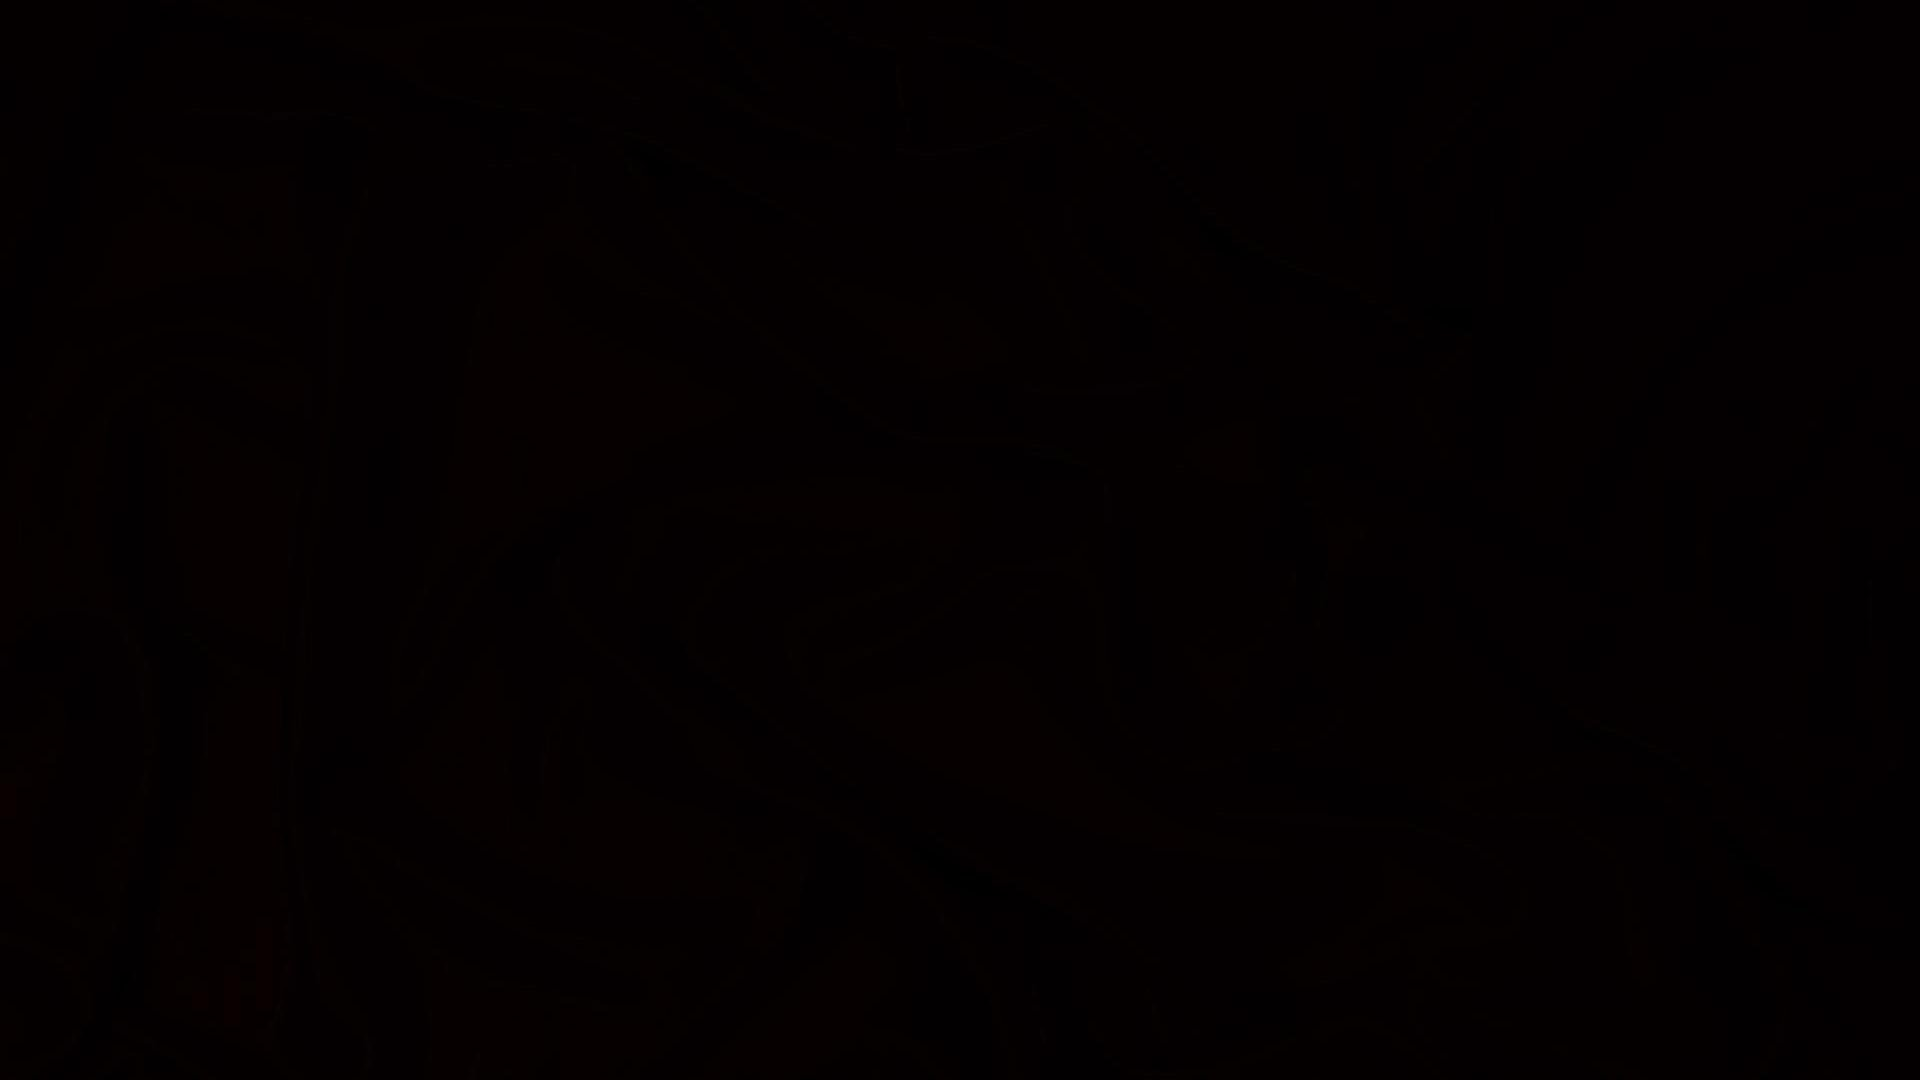 49 Black Screen Wallpaper On Wallpapersafari